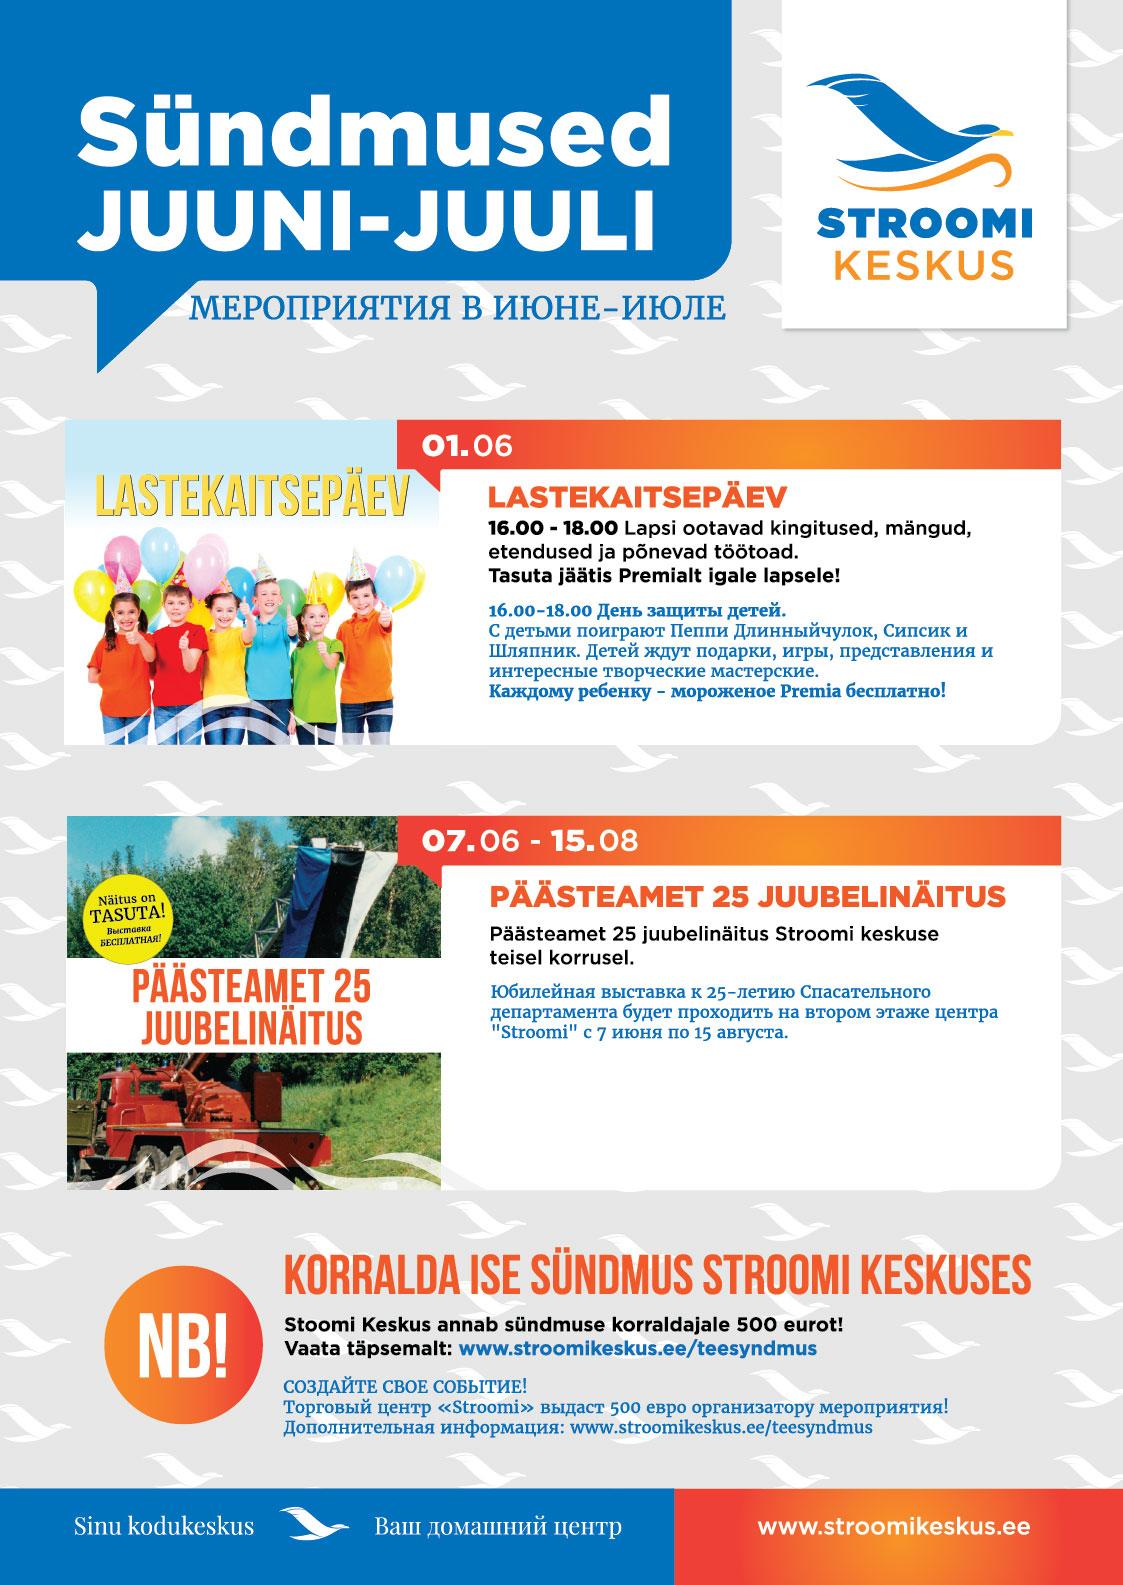 da87a21b15d Sündmused juuni-juuli – Stroomi Keskus